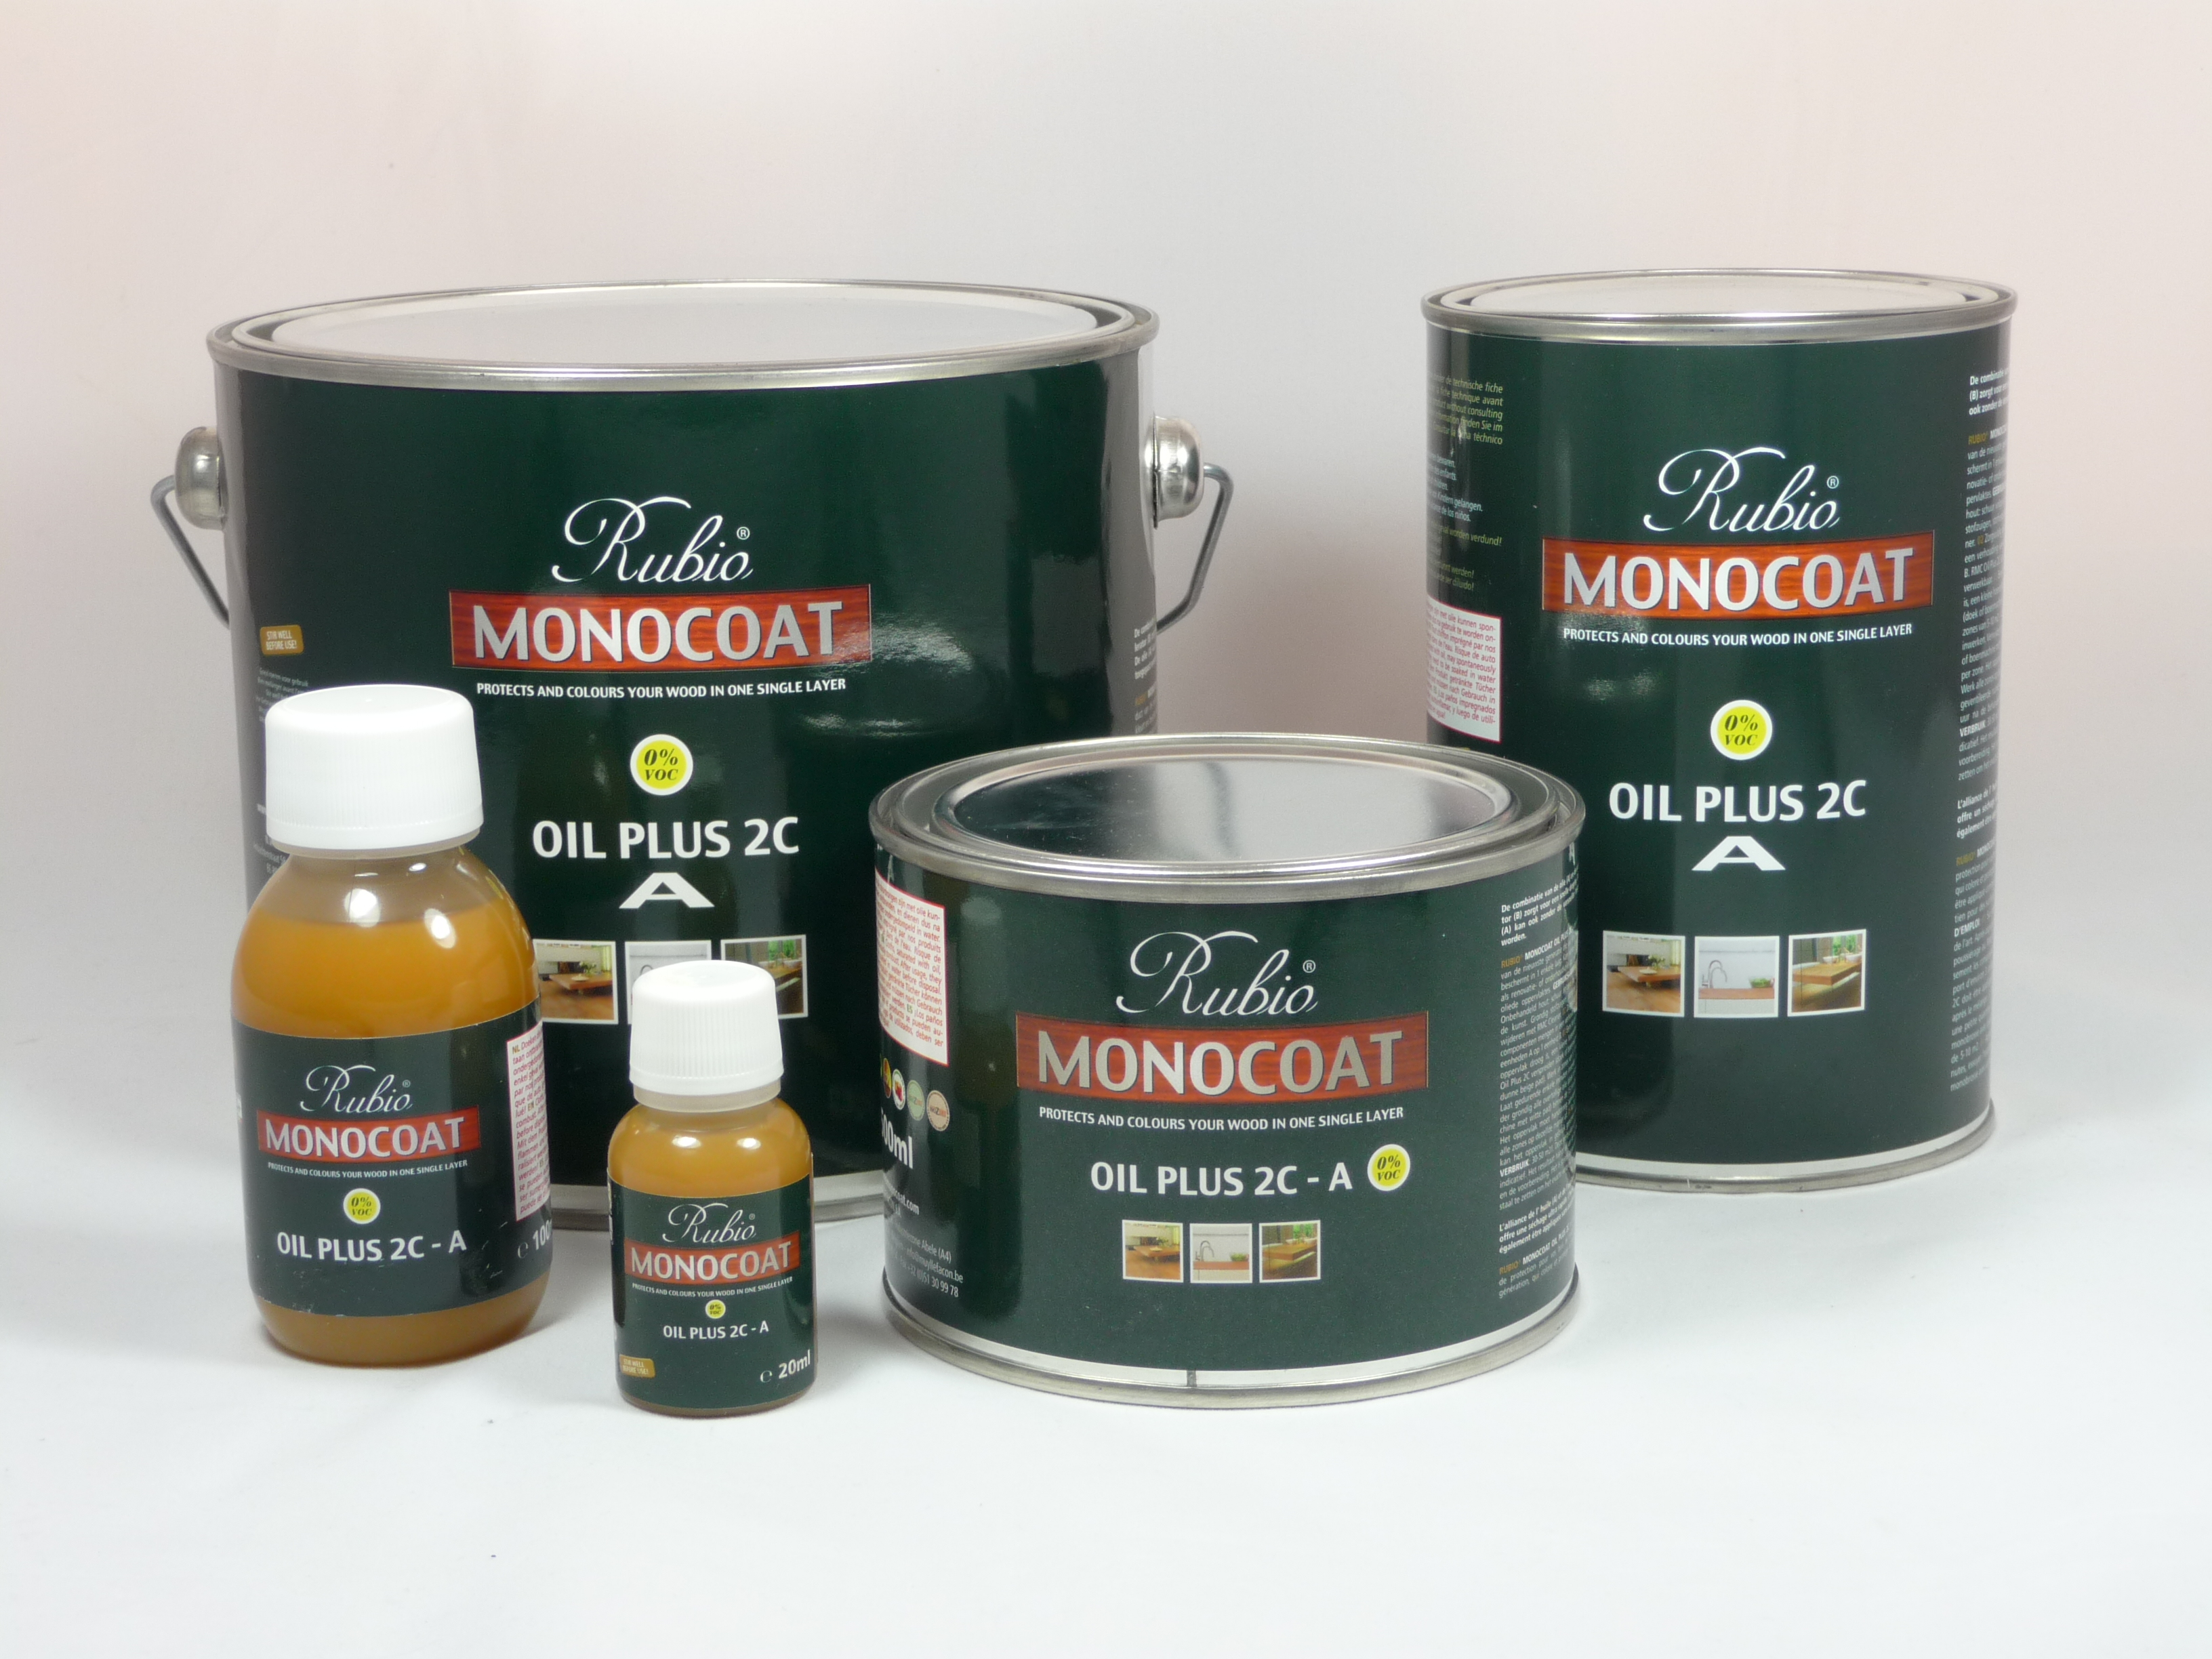 Rubio Monocoat Aqua Oil Plus 2C